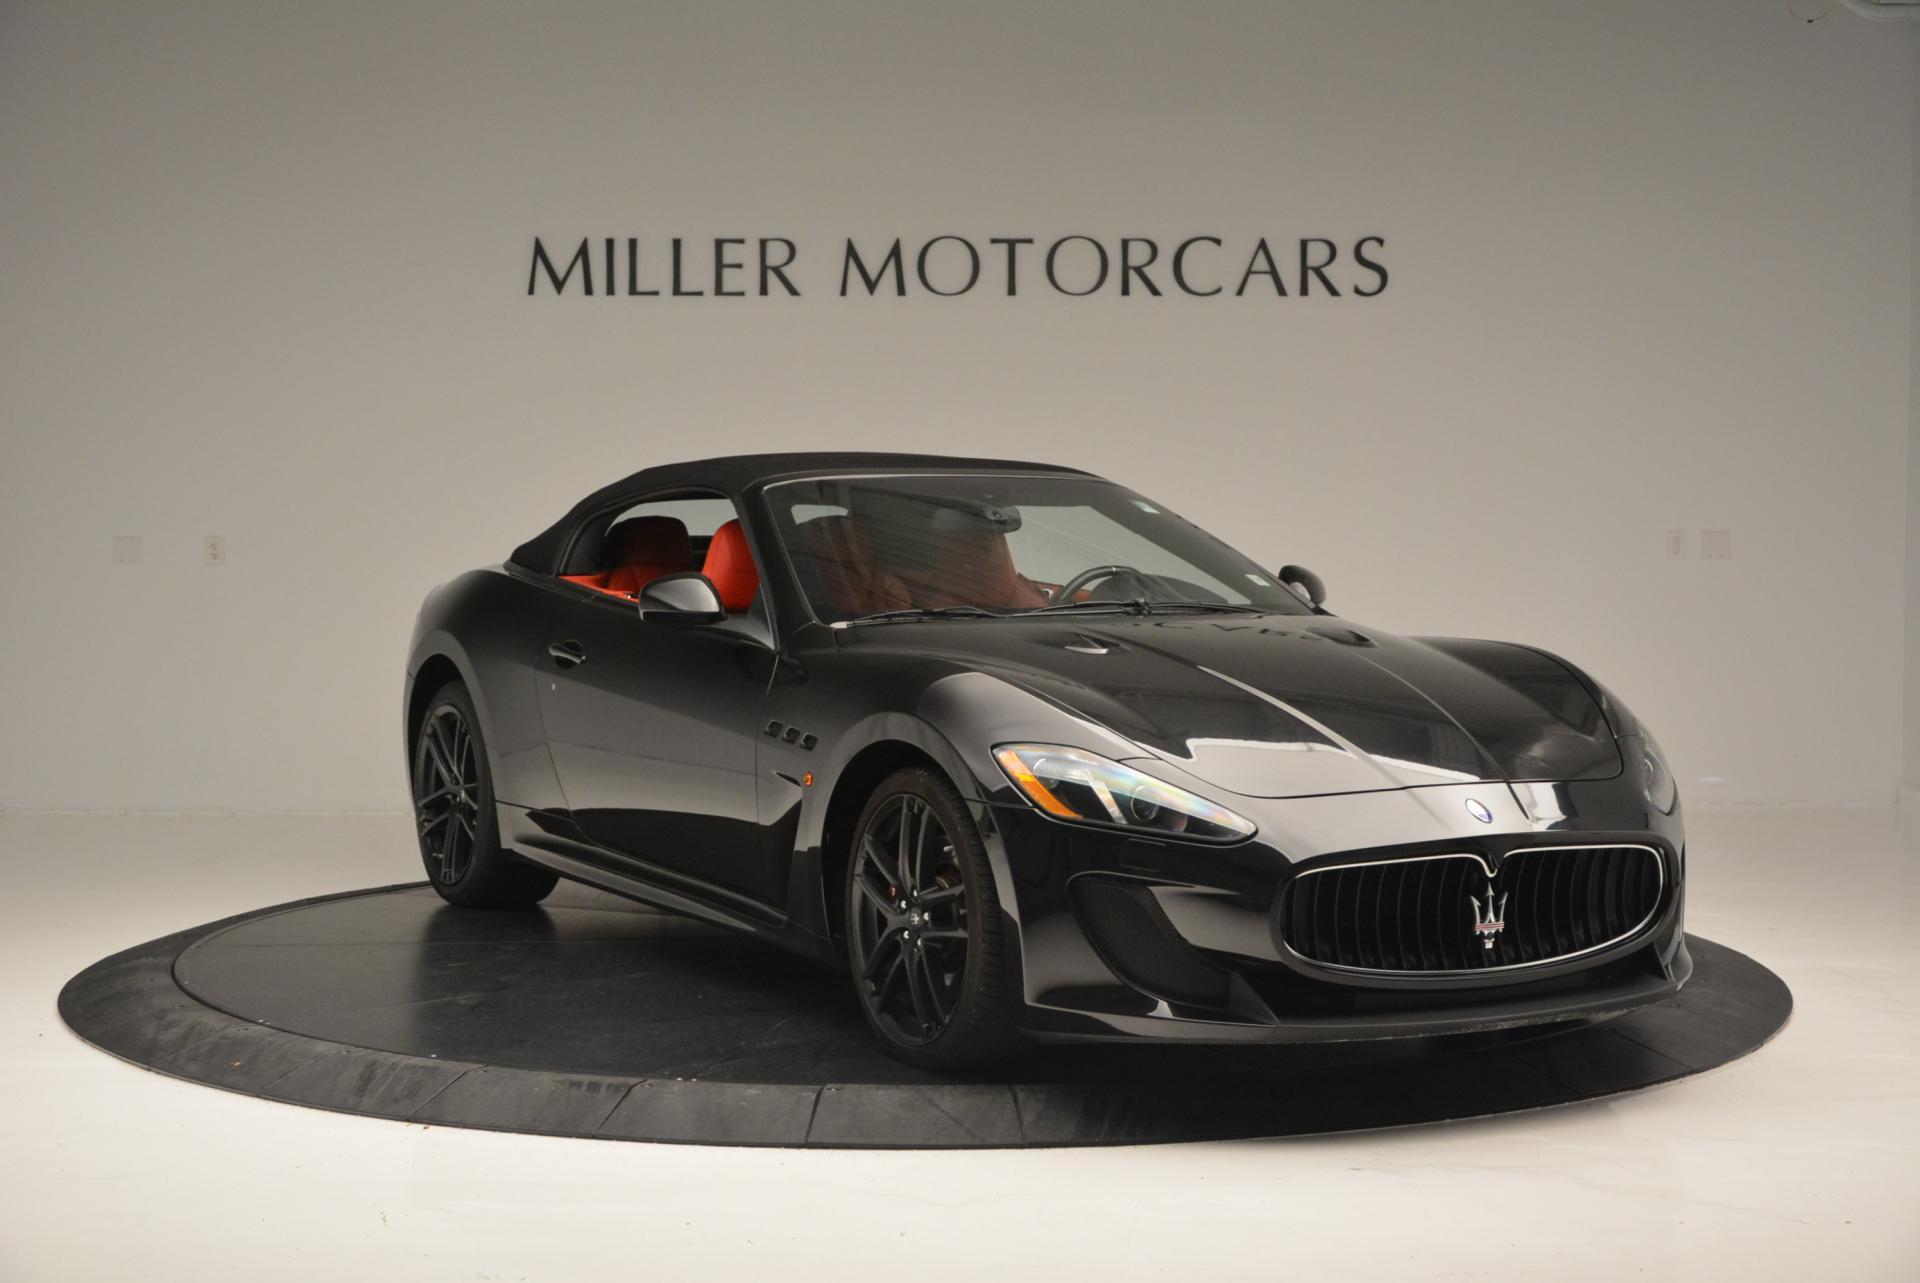 Used 2013 Maserati GranTurismo MC For Sale In Greenwich, CT 521_p18